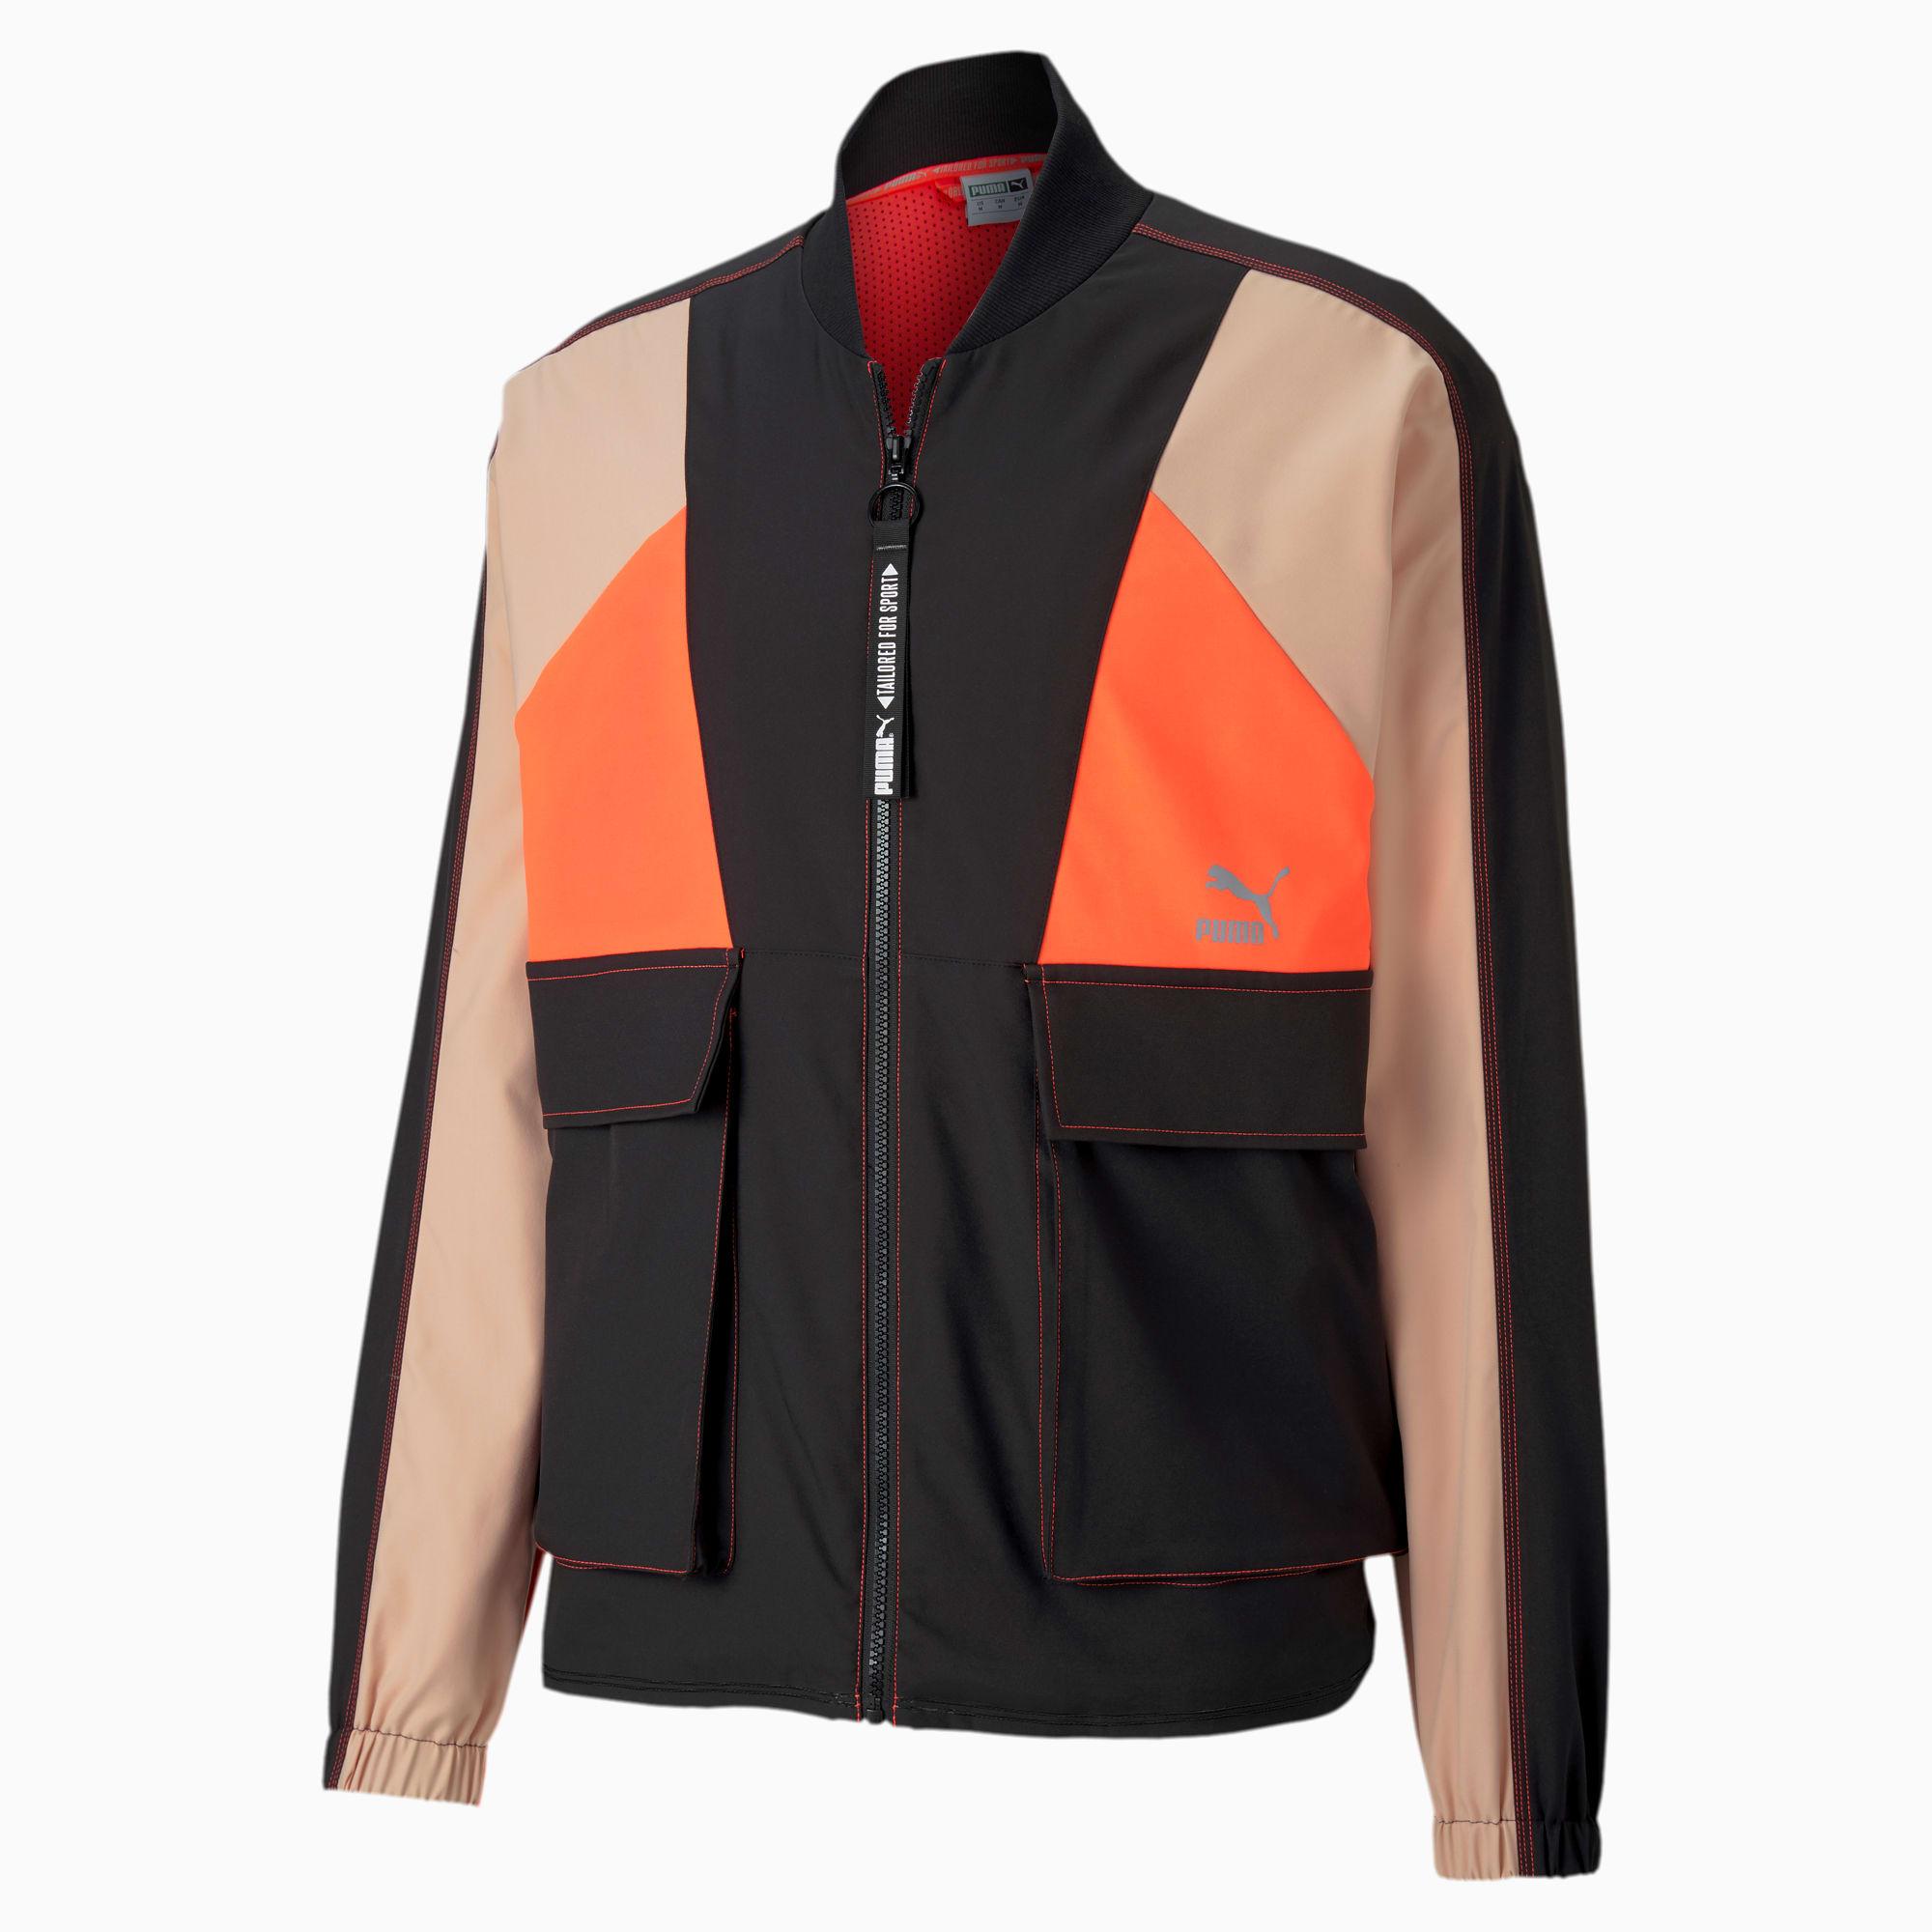 PUMA Blouson de survêtement Tailored for Sport Industrial pour Homme, Noir, Taille XL, Vêtements